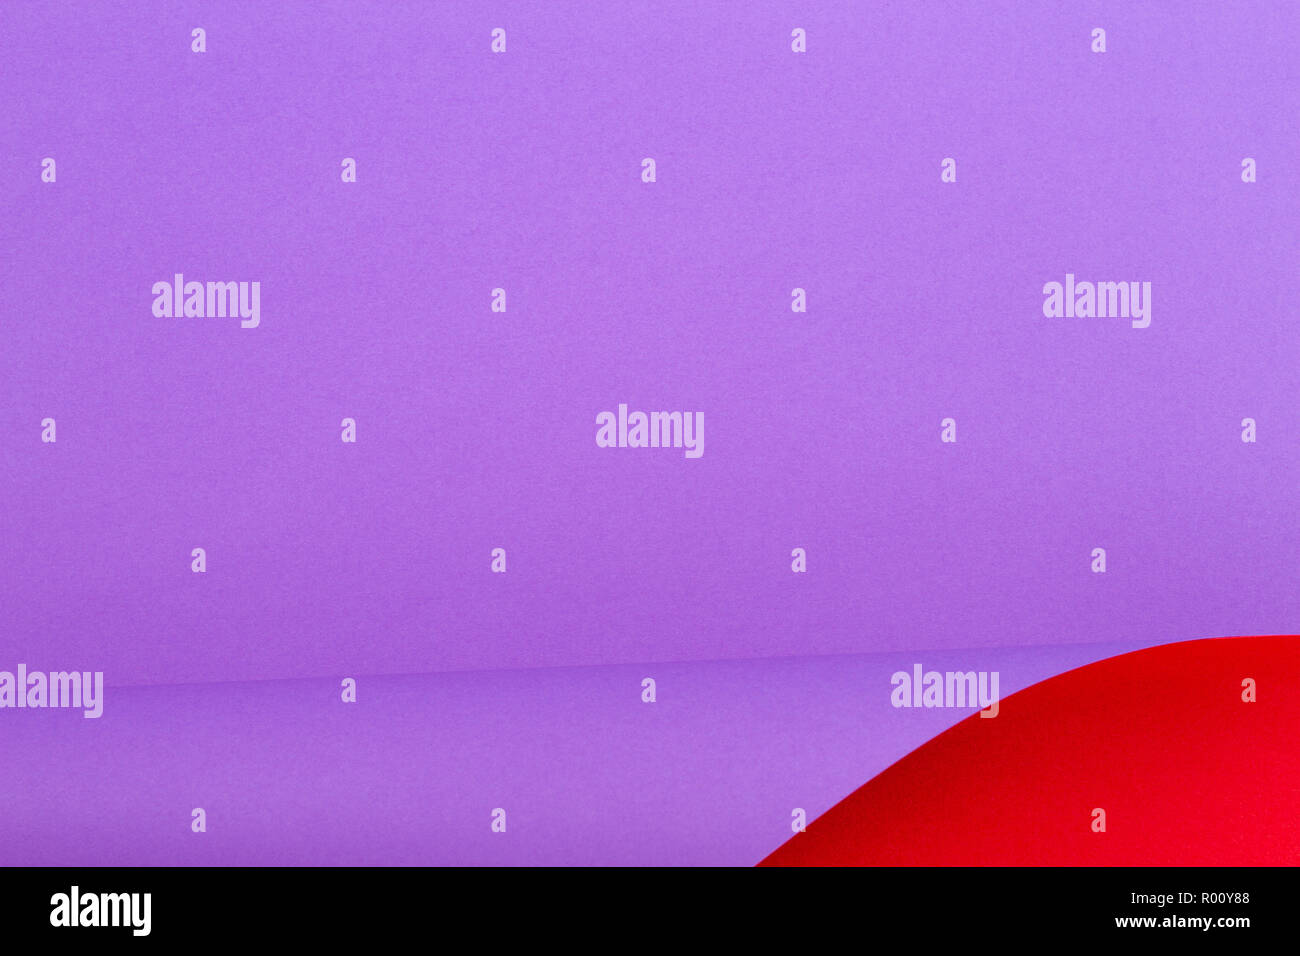 Abstrakte farbenfrohe Hintergrund. Rot Violett lila Farbe Papier in geometrischen Formen Stockbild